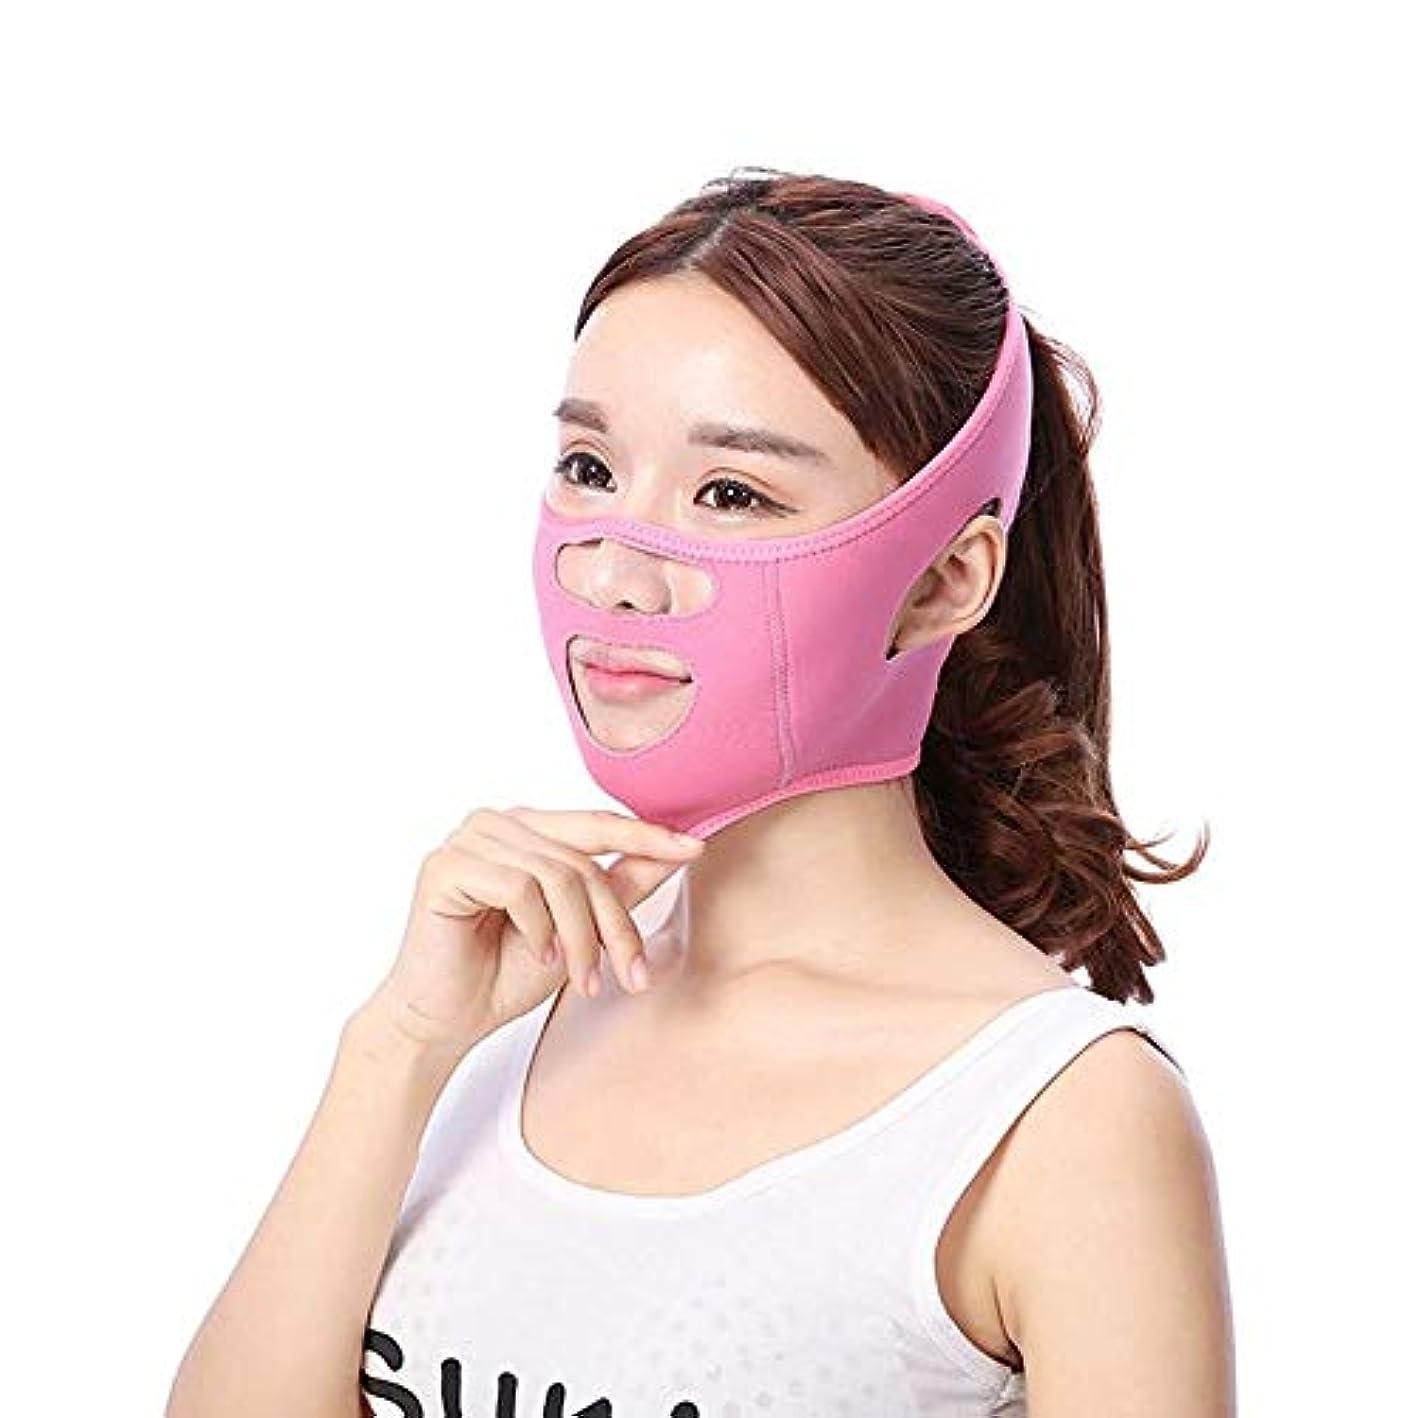 義務分析的クレジットJia Jia- シンフェイスアーティファクトリフティング引き締めフェイス睡眠包帯フェイシャルリフティングアンチ垂れ下がり法律パターンステッカー8ワード口角 - ピンク 顔面包帯